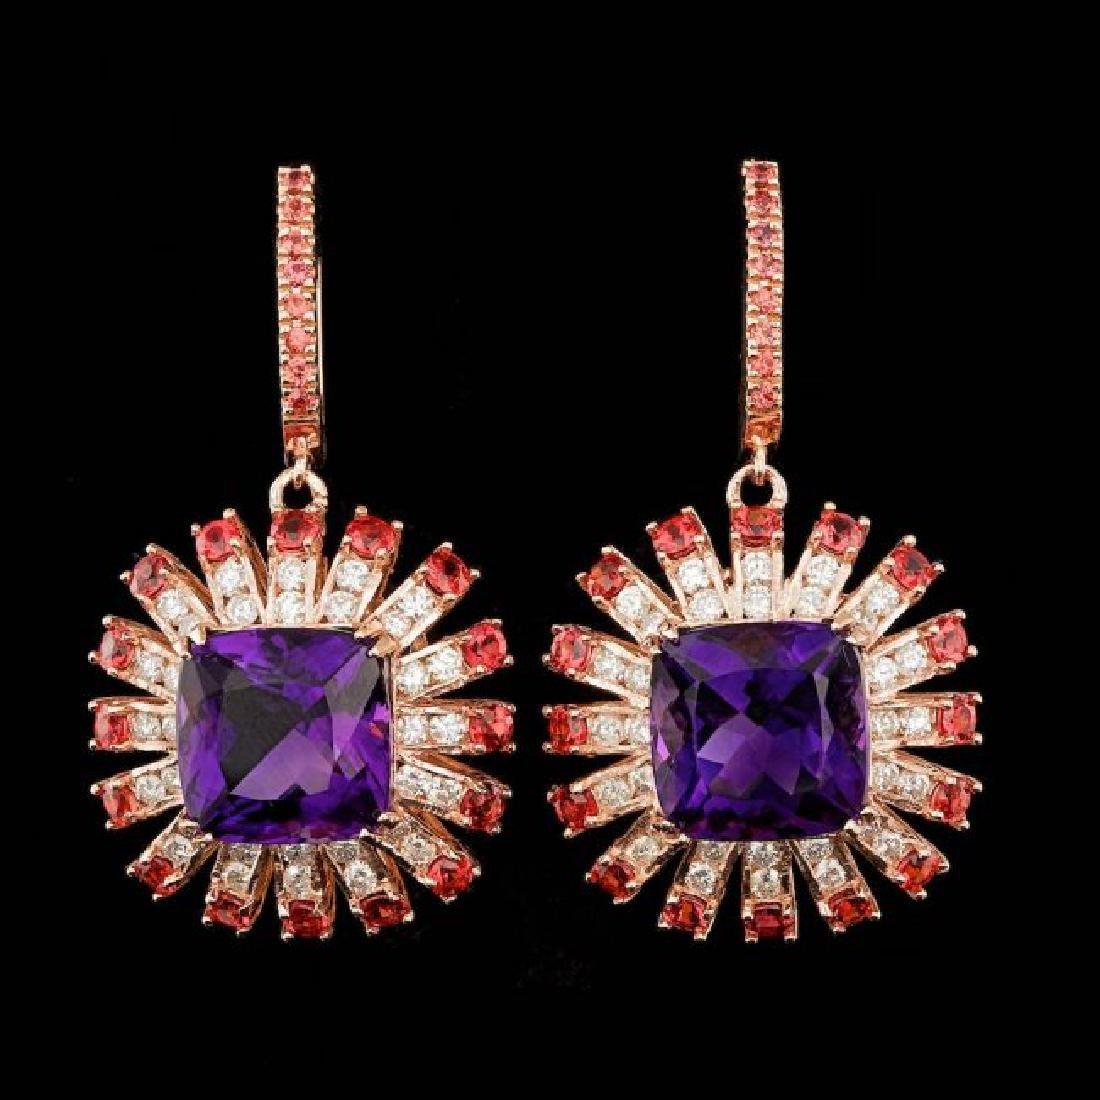 14k Rose 19.00ct Amethyst 2.00ct Diamond Earrings